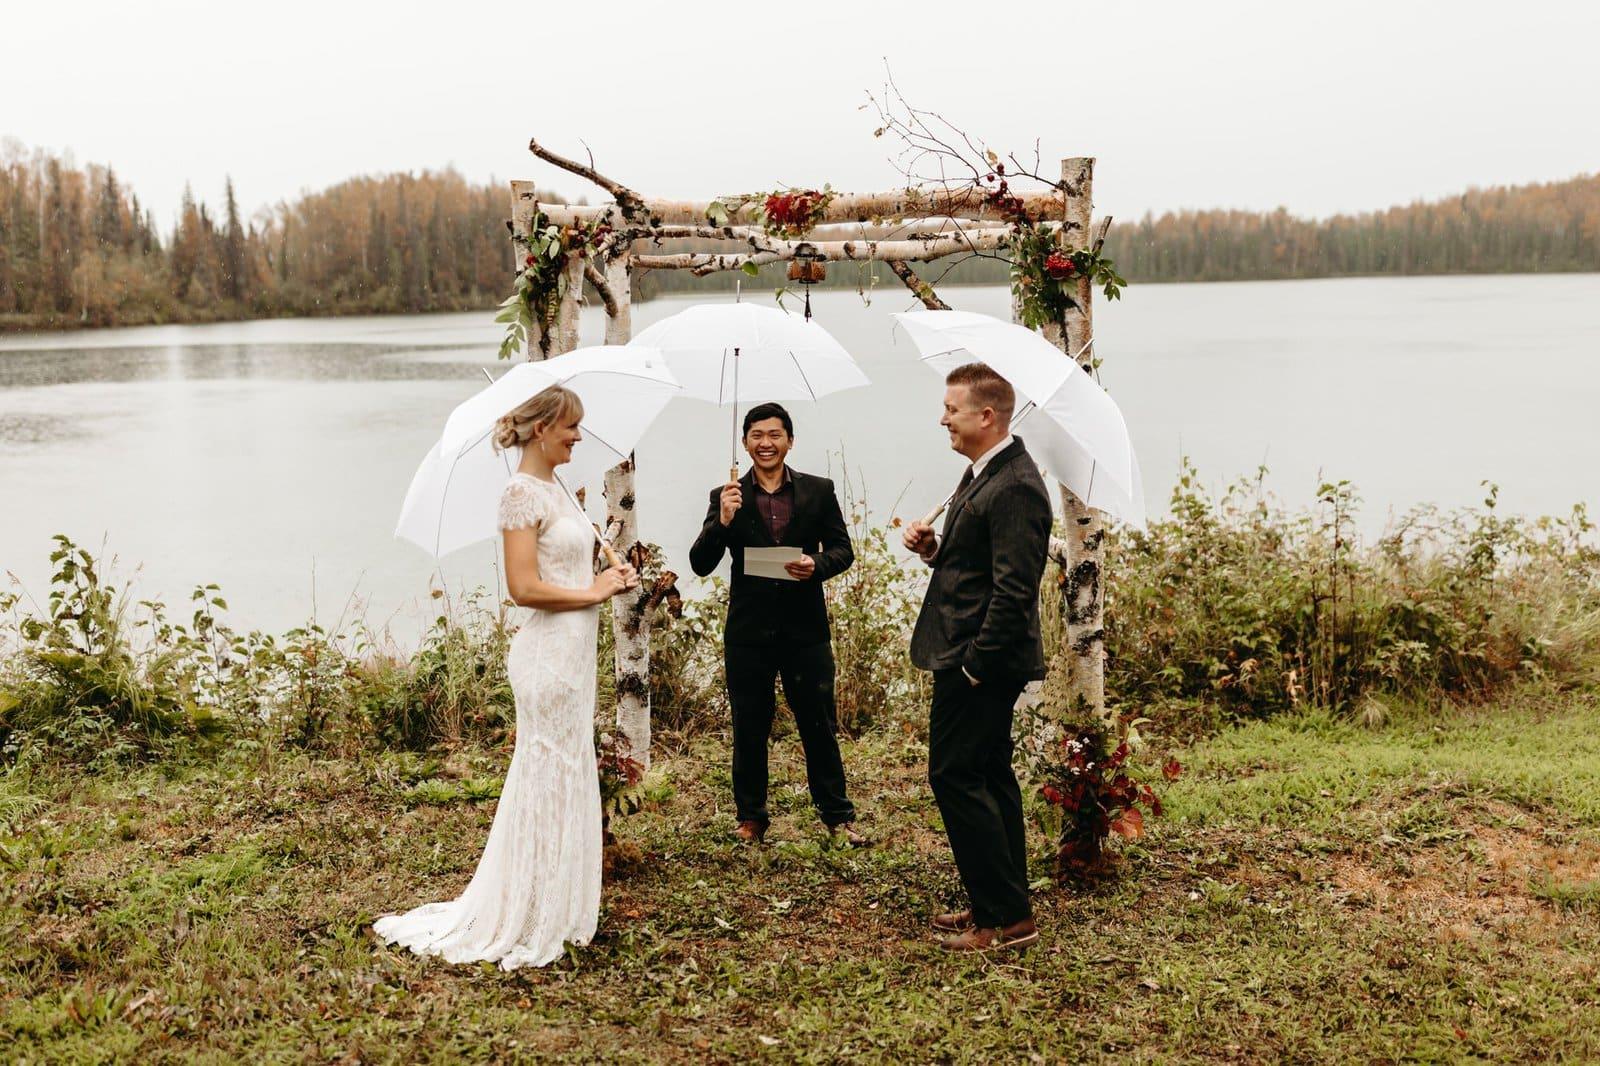 elopement ceremony photos